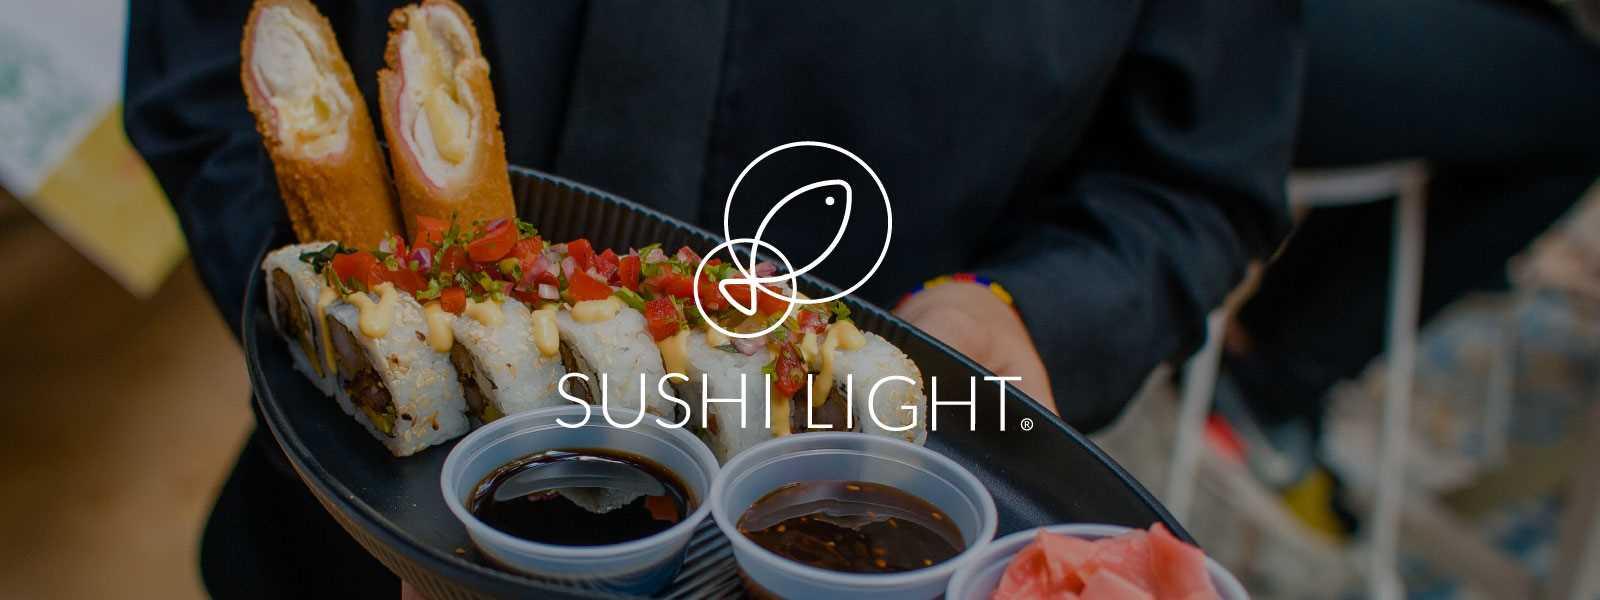 SUSHI-LIGHT-La-Strada